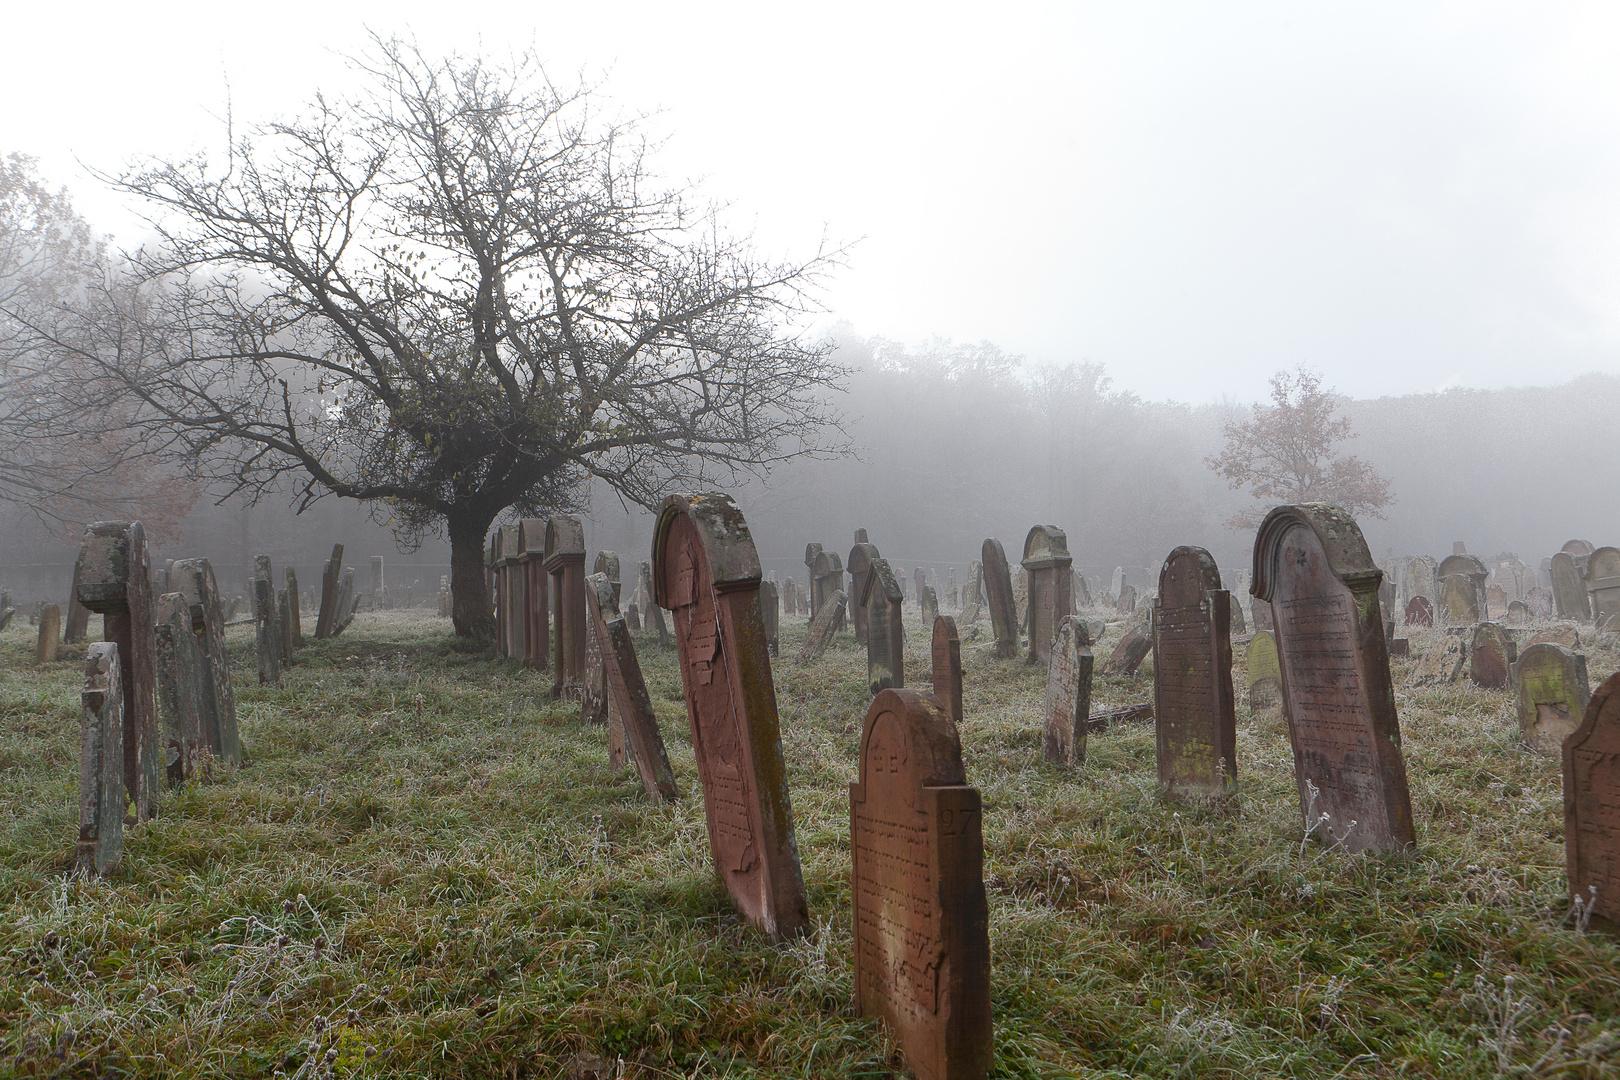 Dans le brouillard et le silence